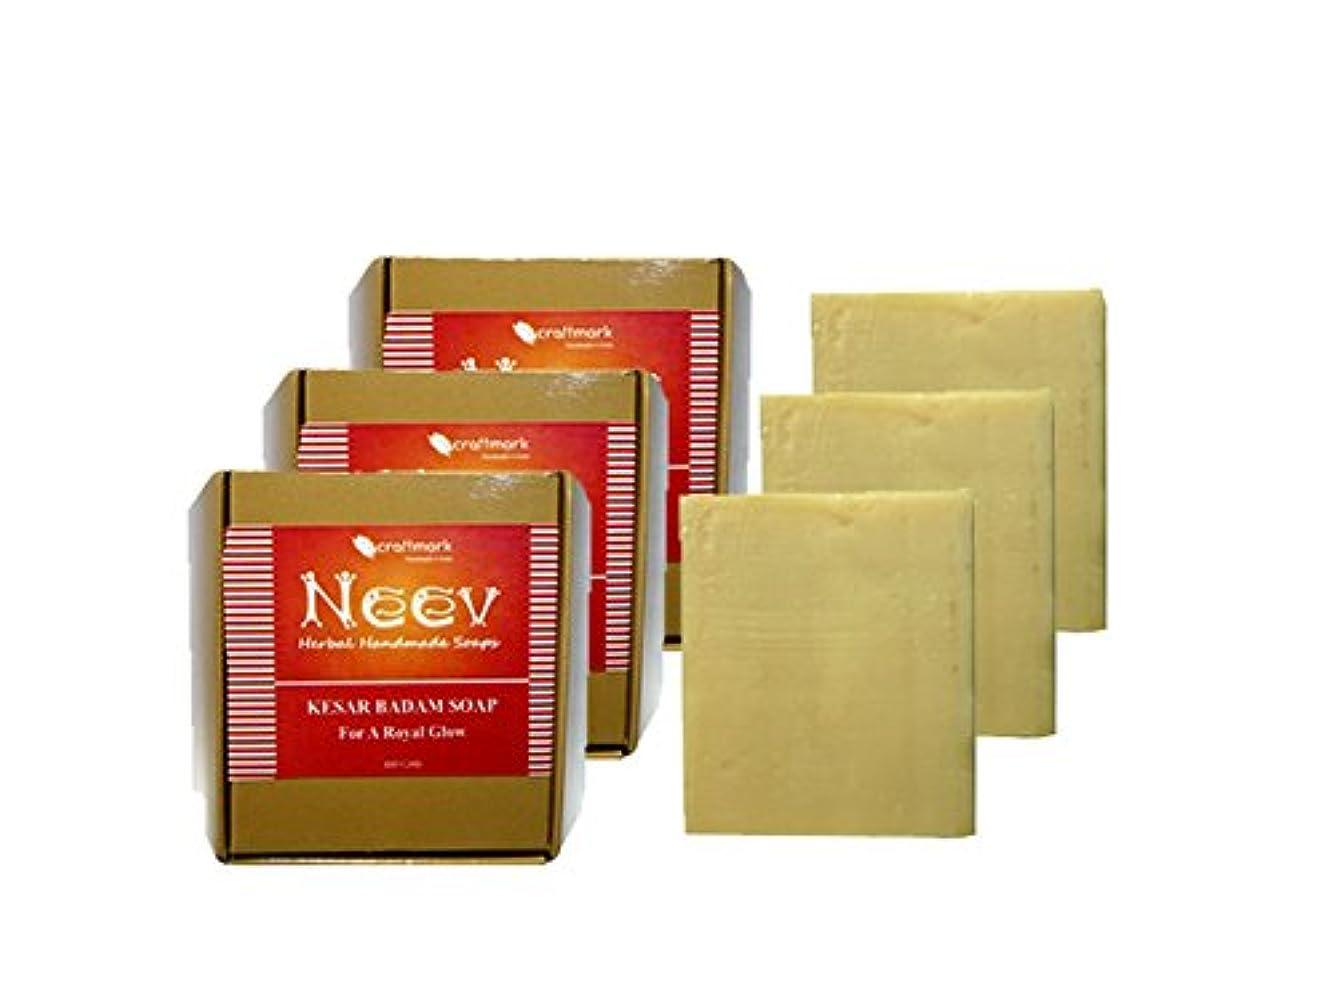 オズワルドスタジアムコンプライアンス手作り ニーブ カサル バダム ソープ NEEV Herbal Kesar Badam SOAP For A Royal Glow 3個セット